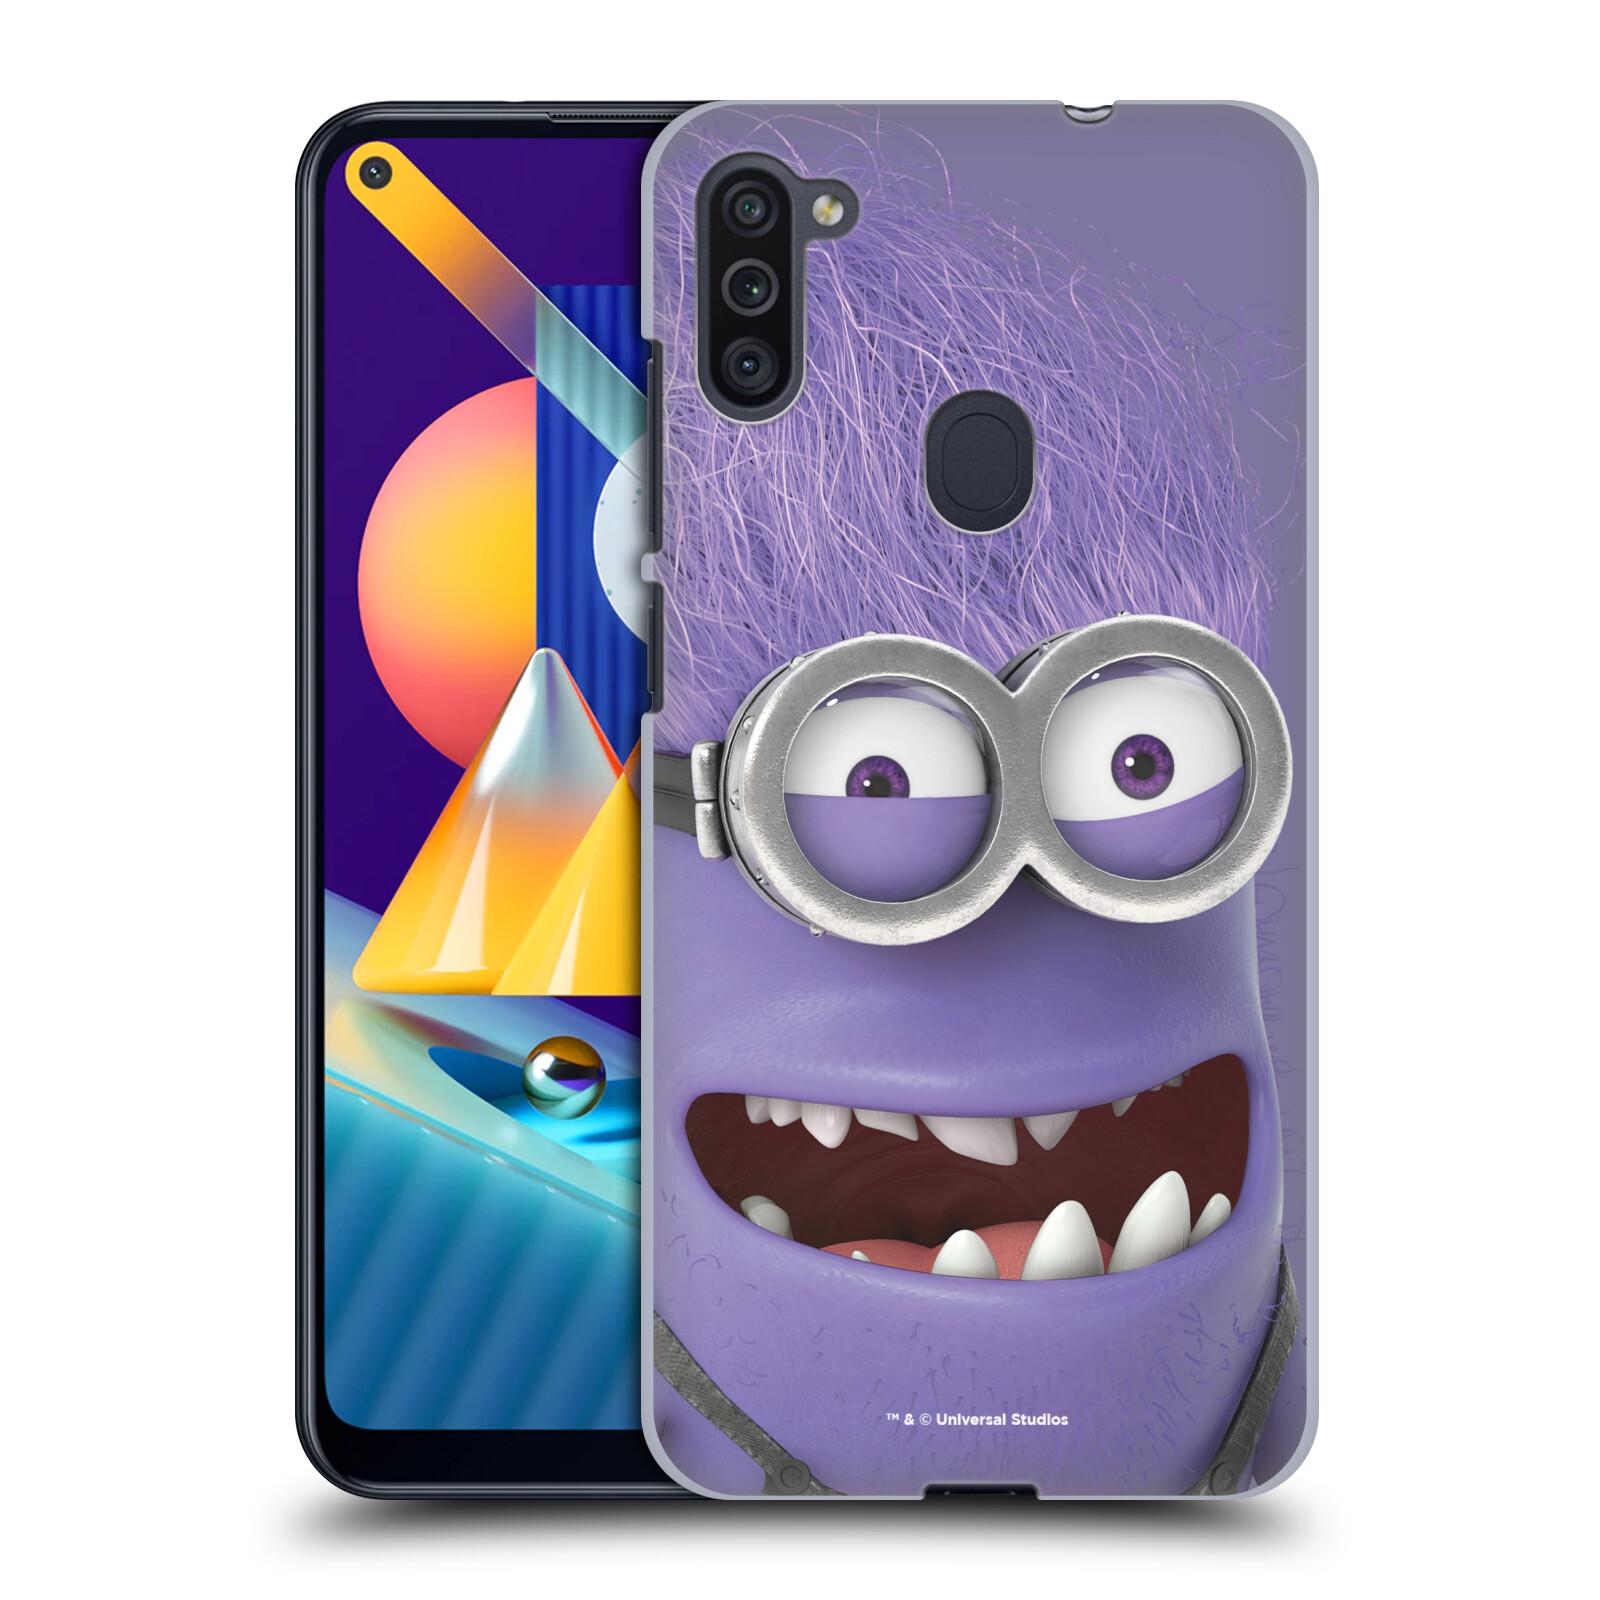 Plastové pouzdro na mobil Samsung Galaxy M11 - Head Case - Zlý Mimoň z filmu Já, padouch - Despicable Me